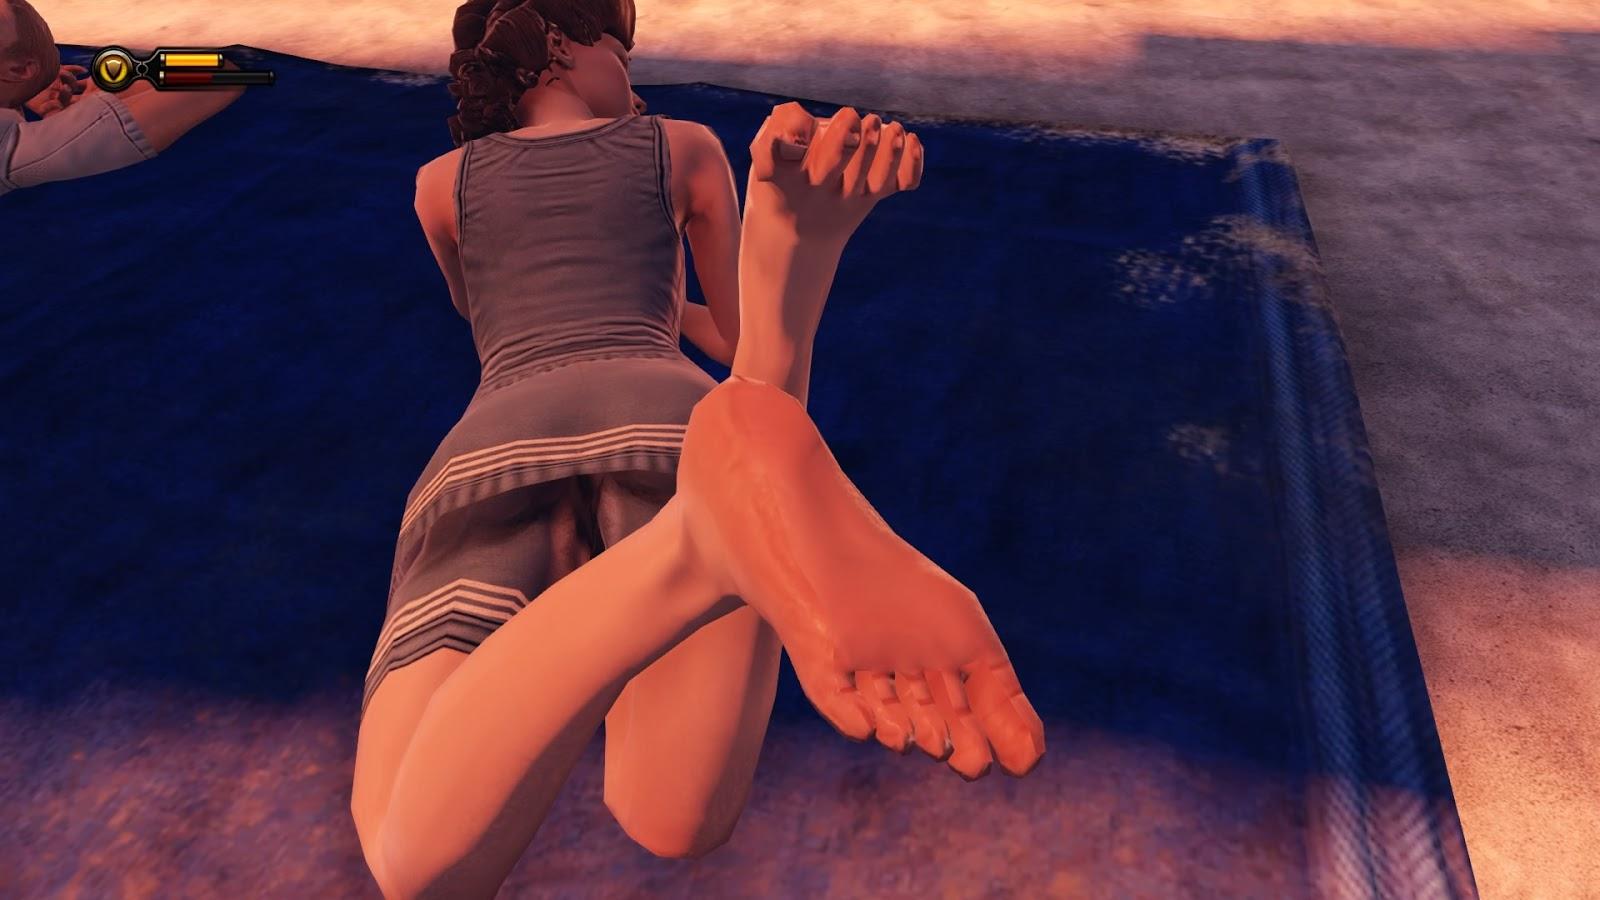 Элизабет голая bioshock, Оргия с Элизабет из Биошок порно мультики 10 фотография